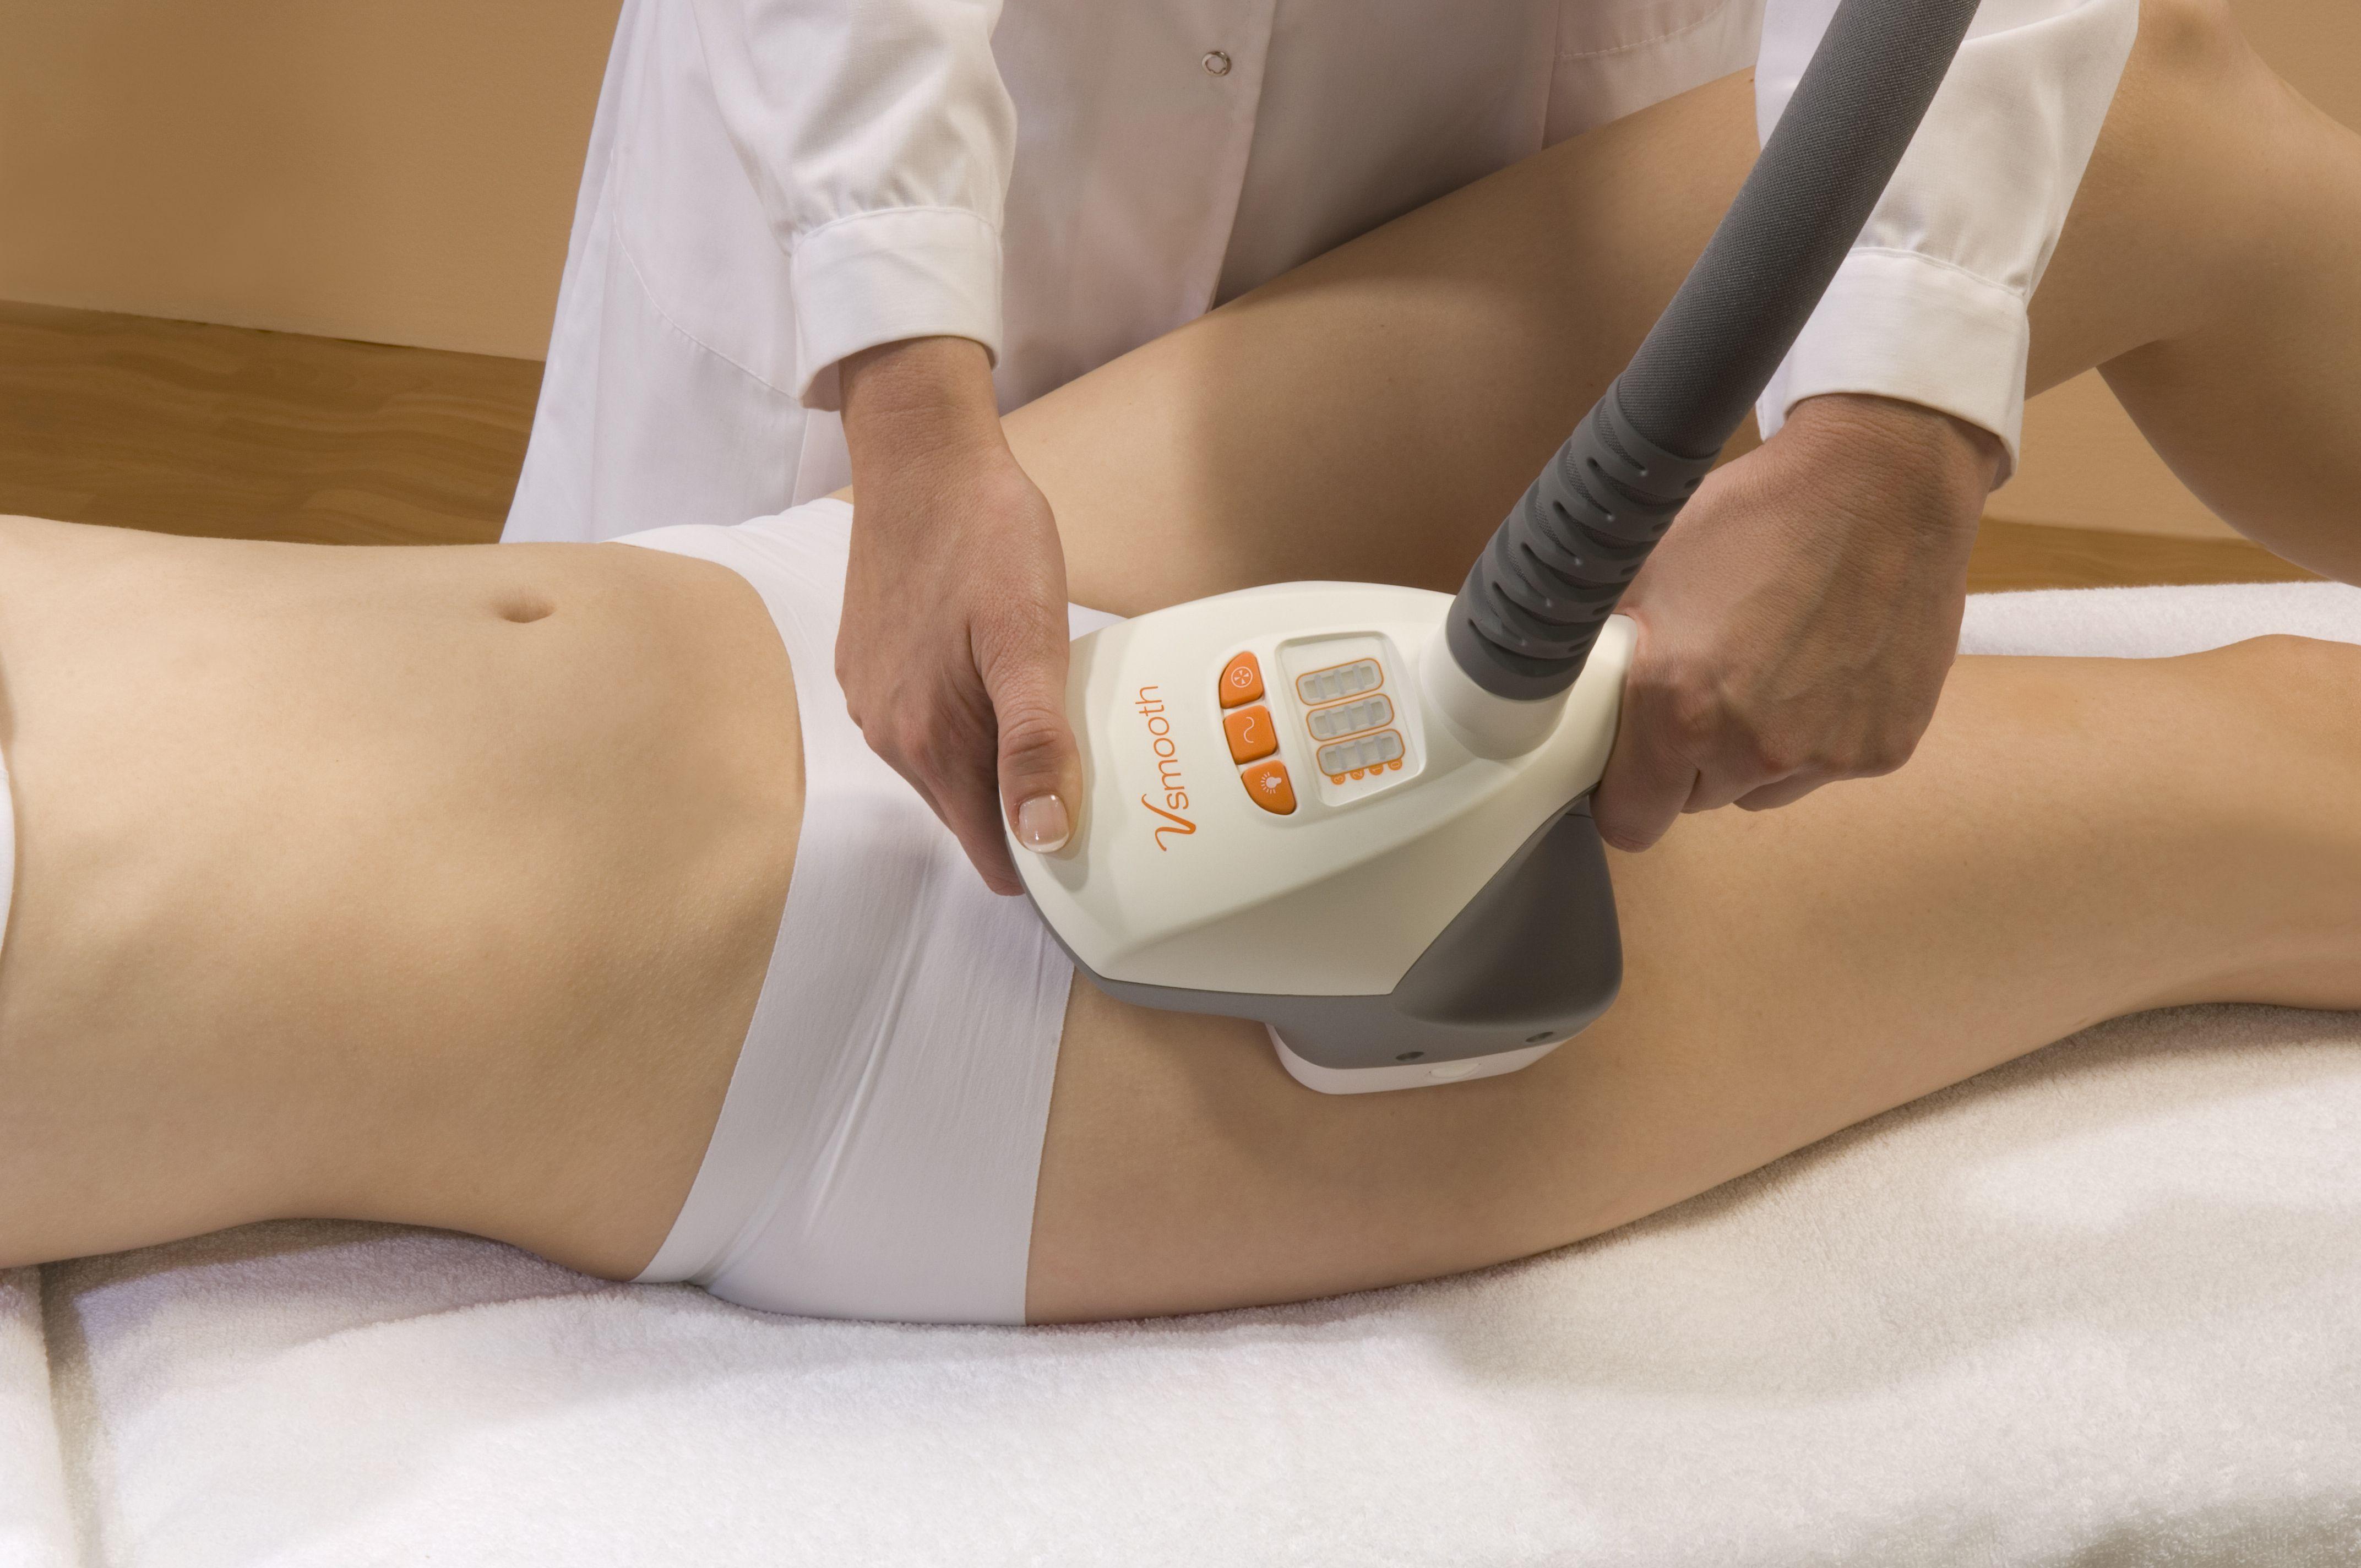 Clinicas de depilacion laser en costa rica